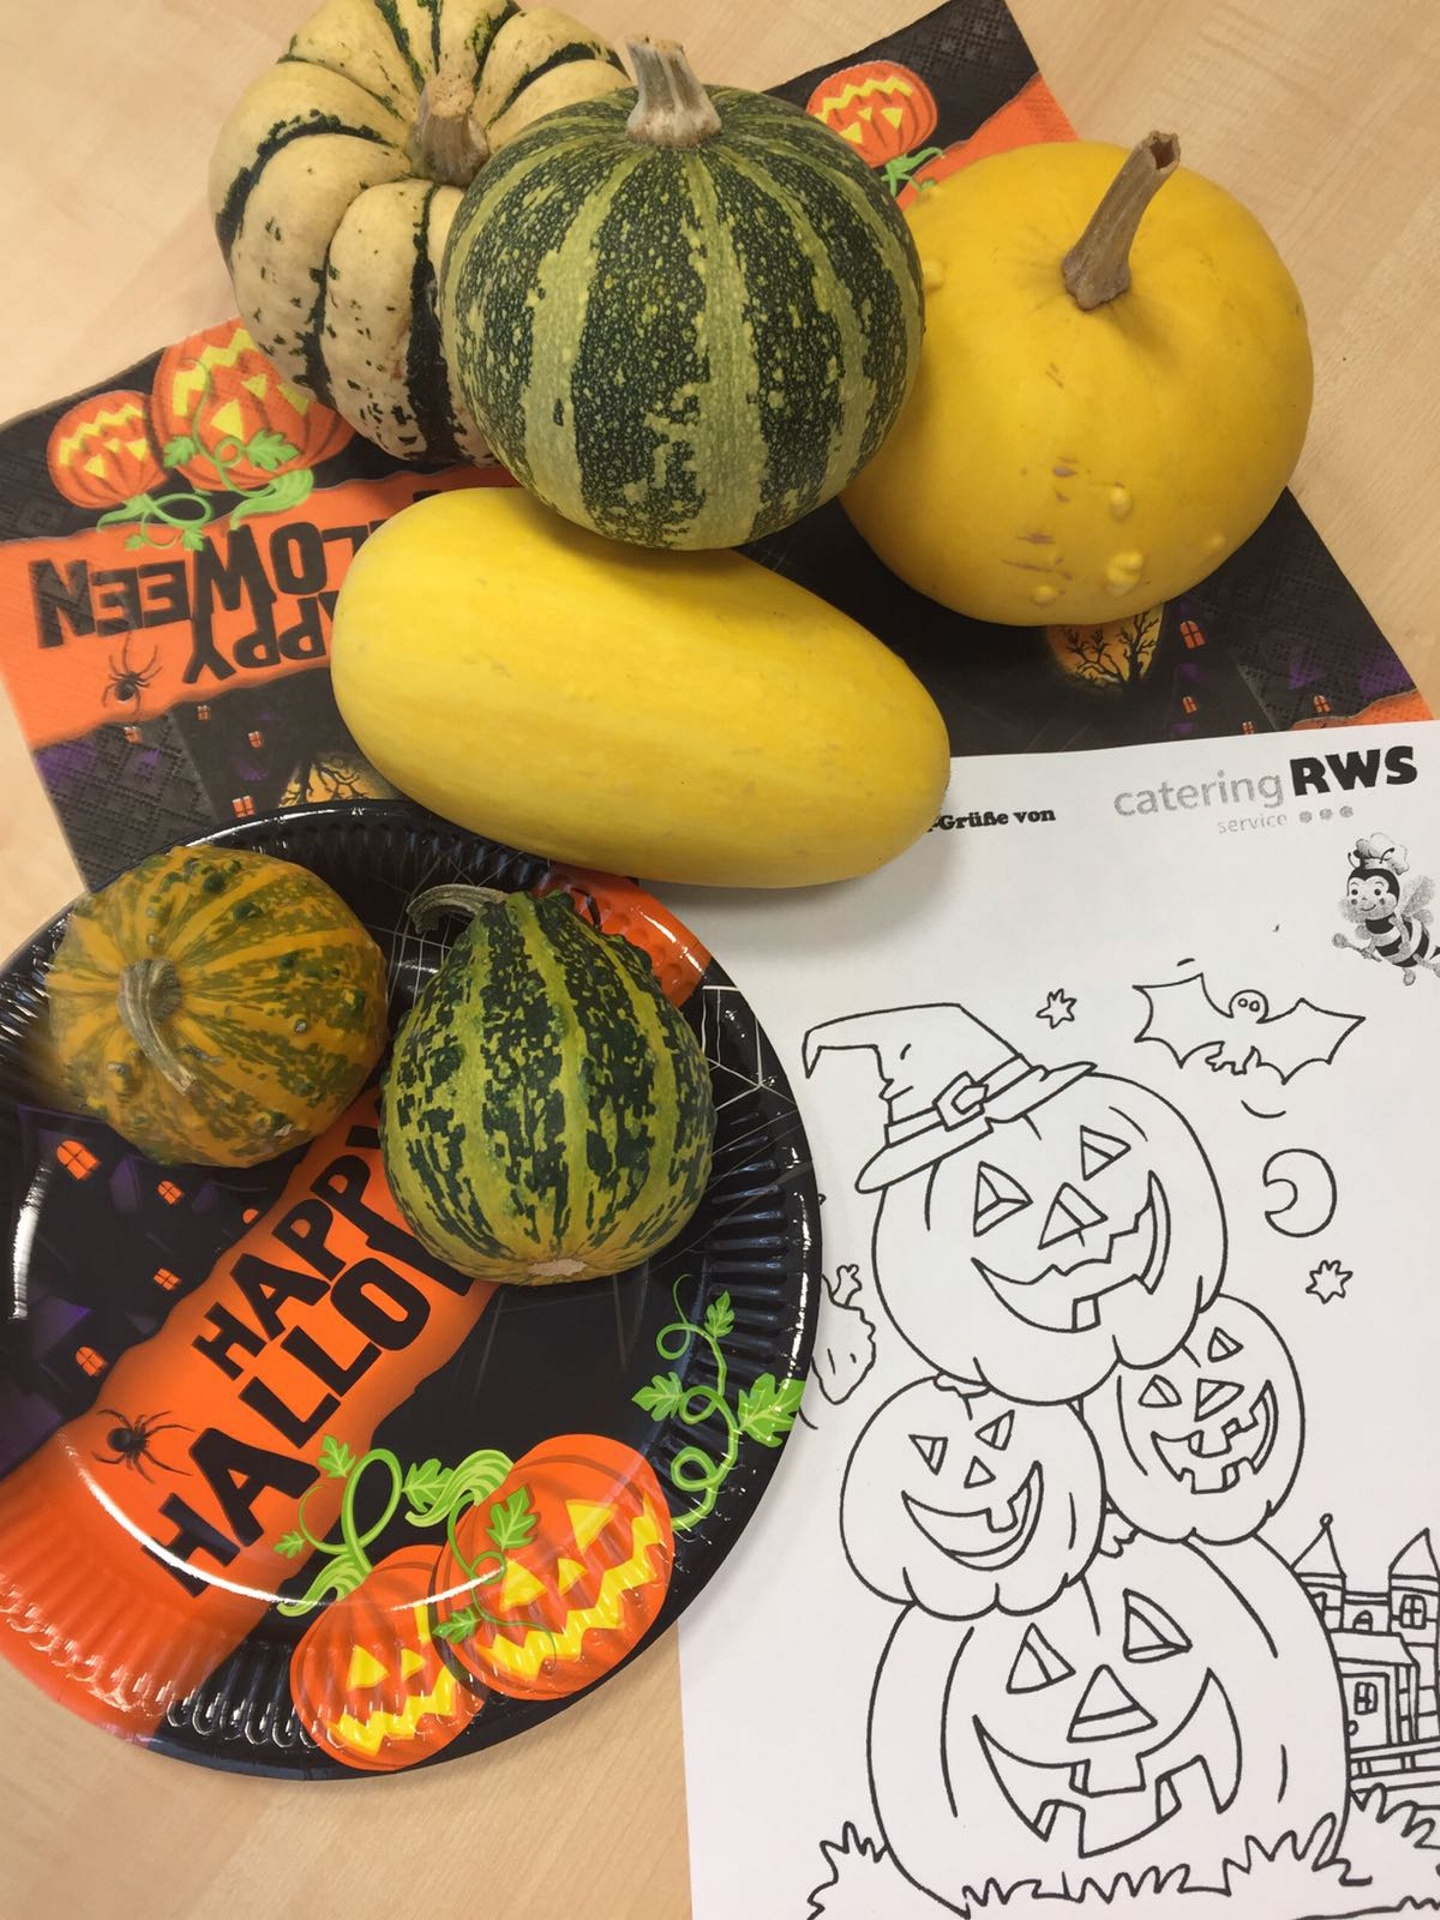 rws-cateringservice_kita_halloween_vorlage-zum-ausmalen - RWS Gruppe